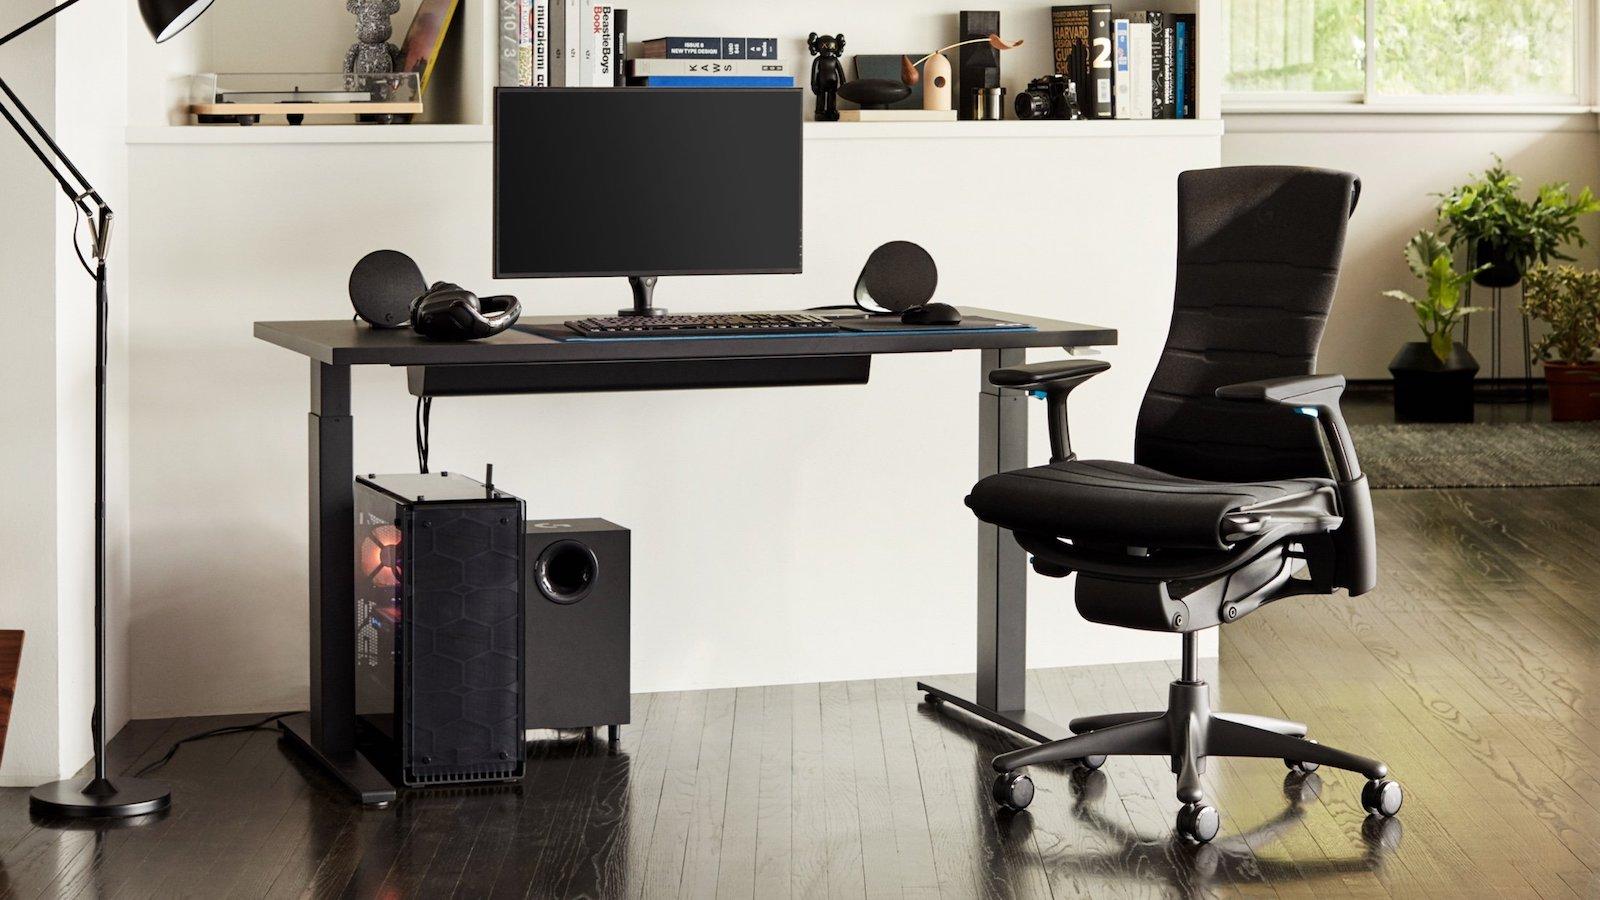 Herman Miller x Logitech G Embody Gaming Chair Adjustable Seat